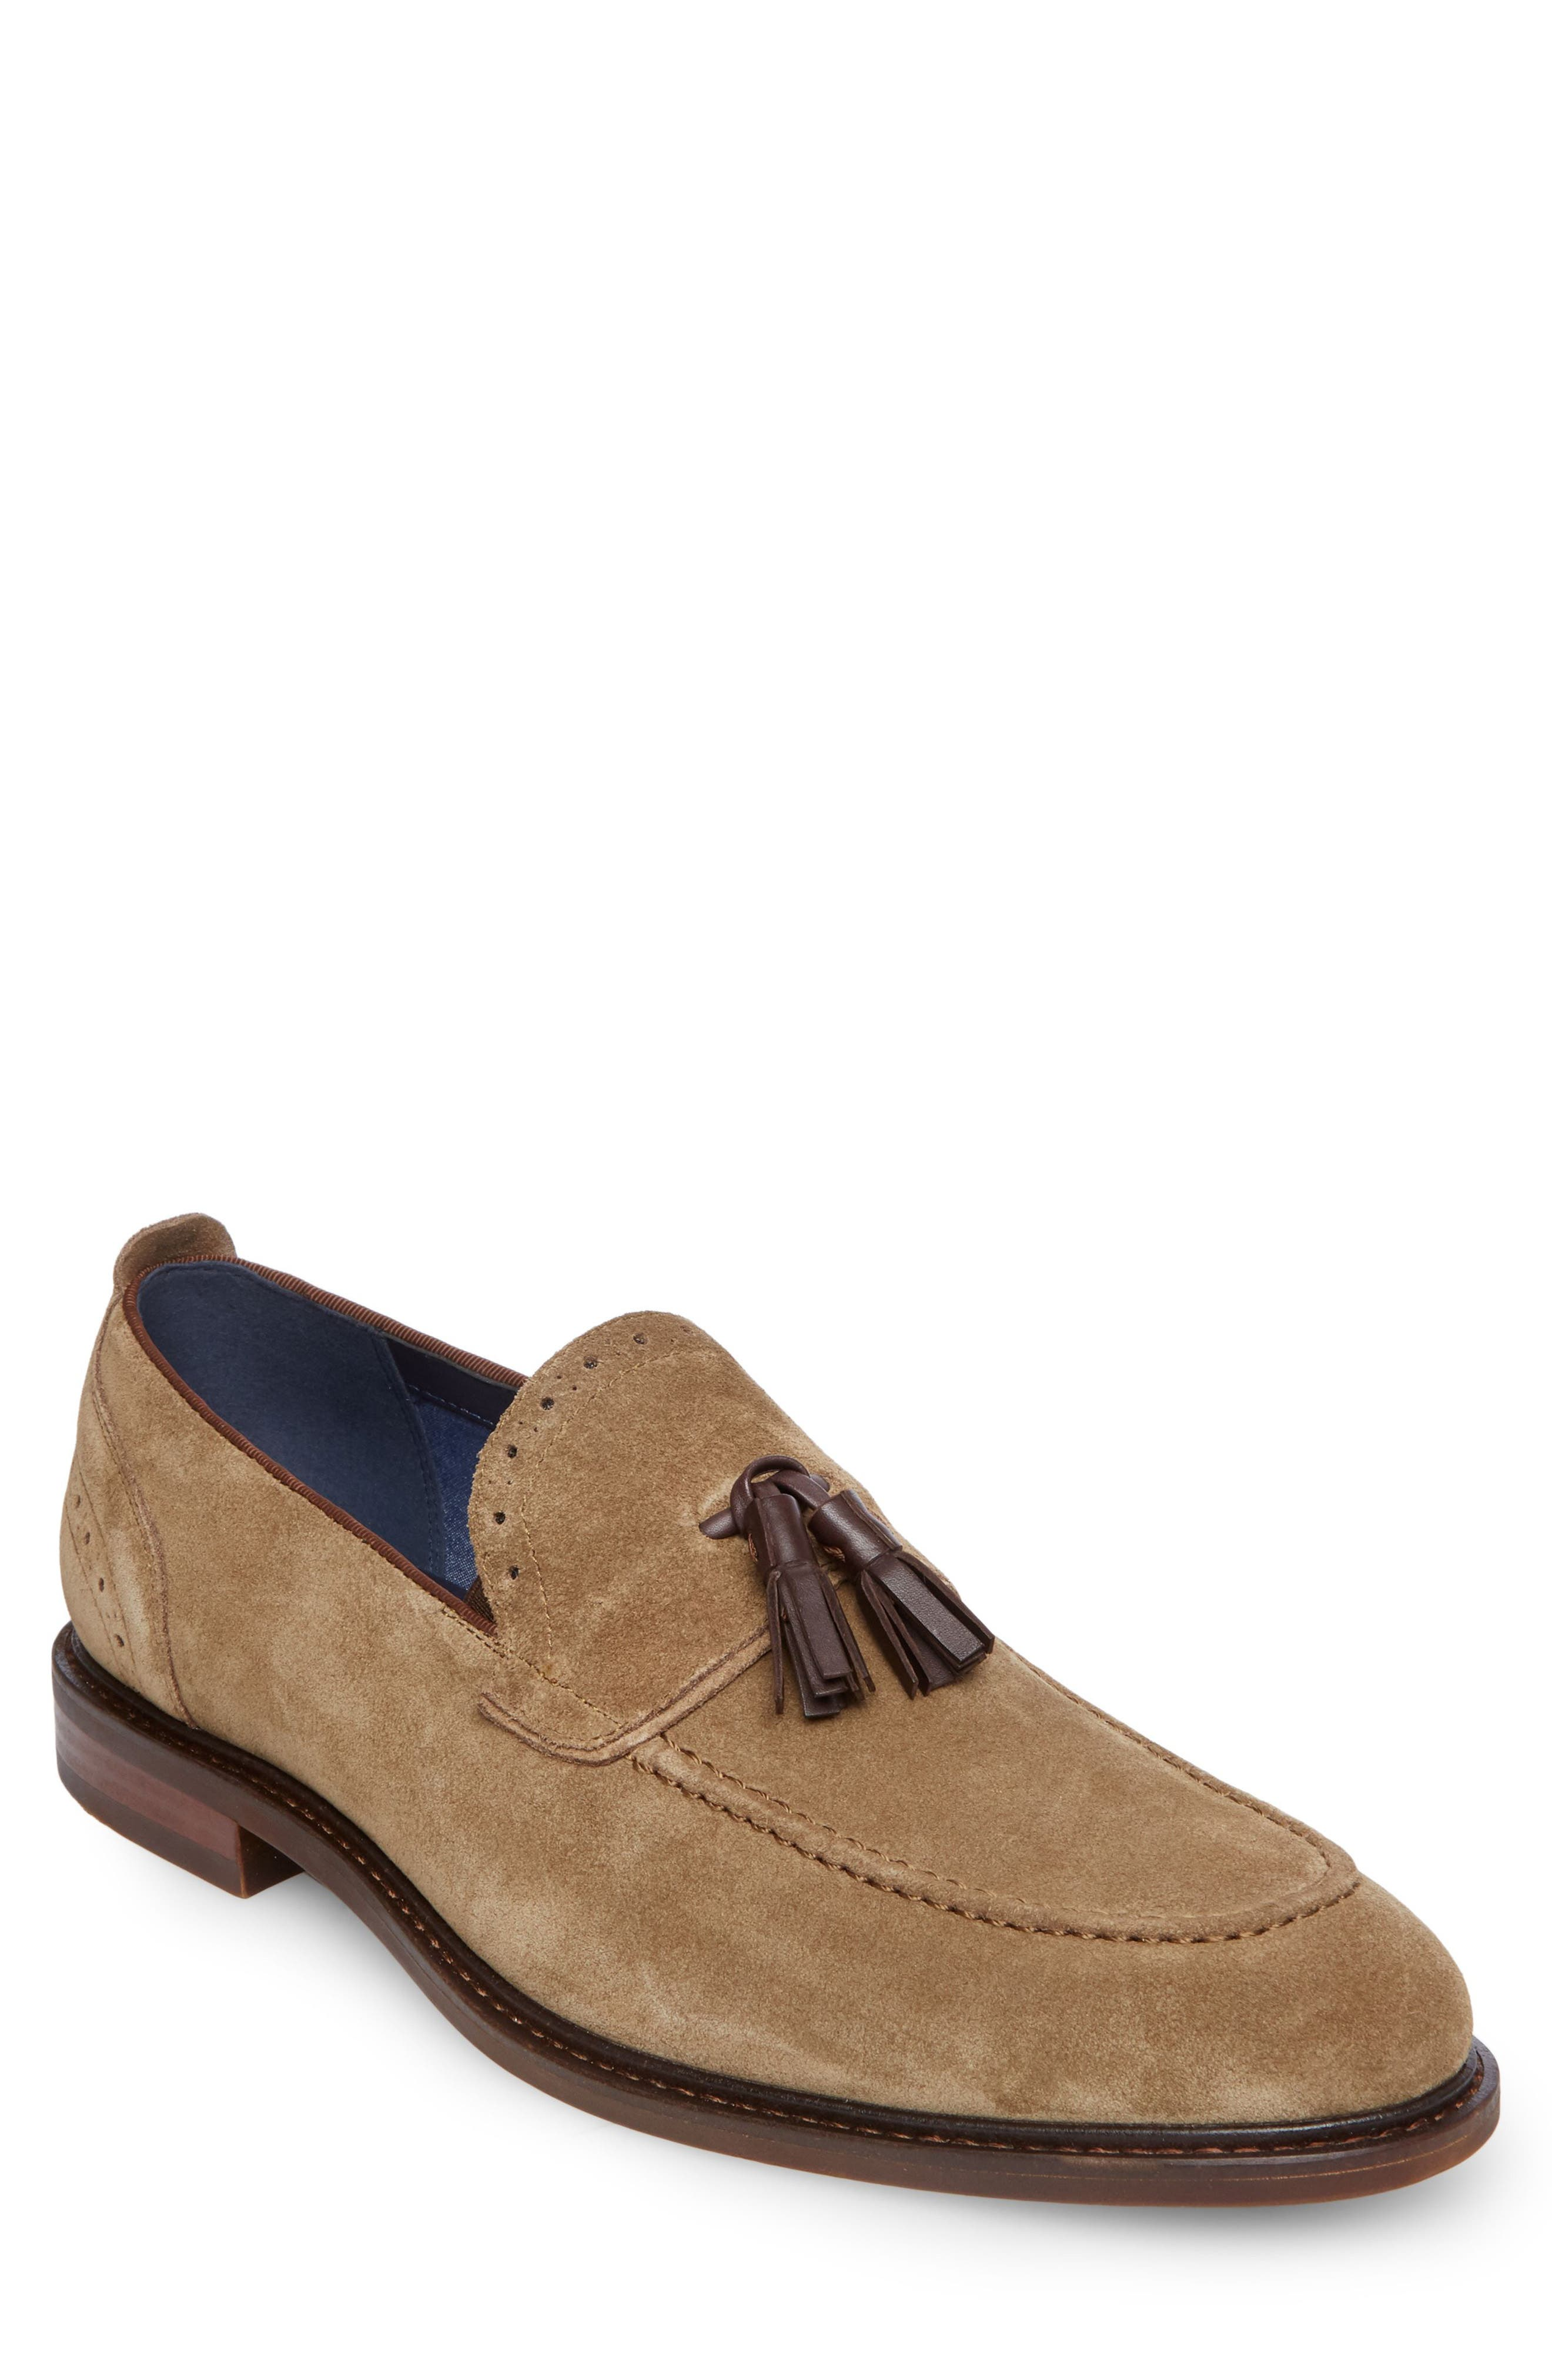 Bogart Tassel Loafer,                         Main,                         color, Olive Suede